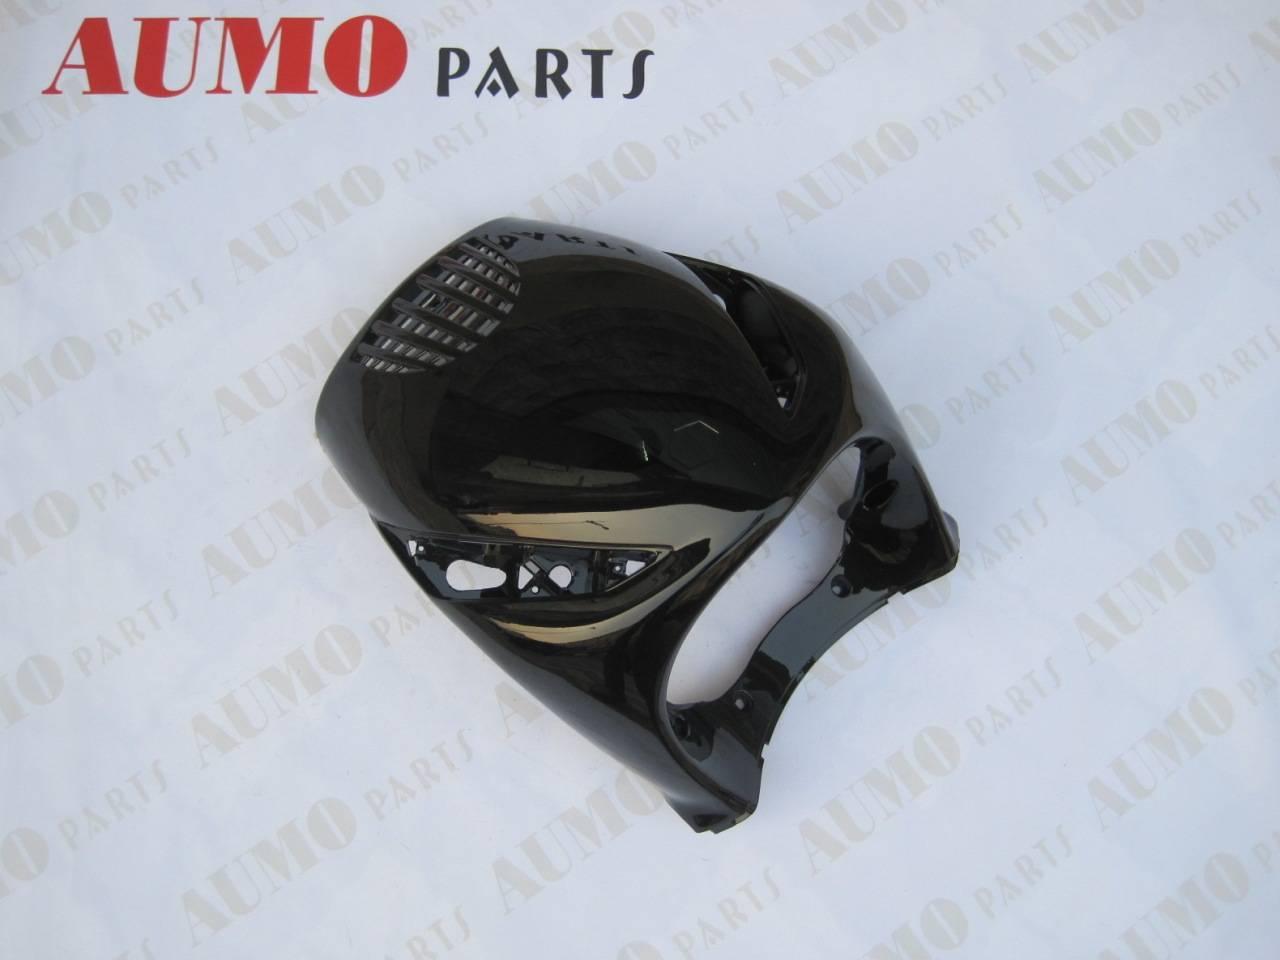 Piaggio Zip 50 Front Cover, 576413n (MV022101-T54B100)